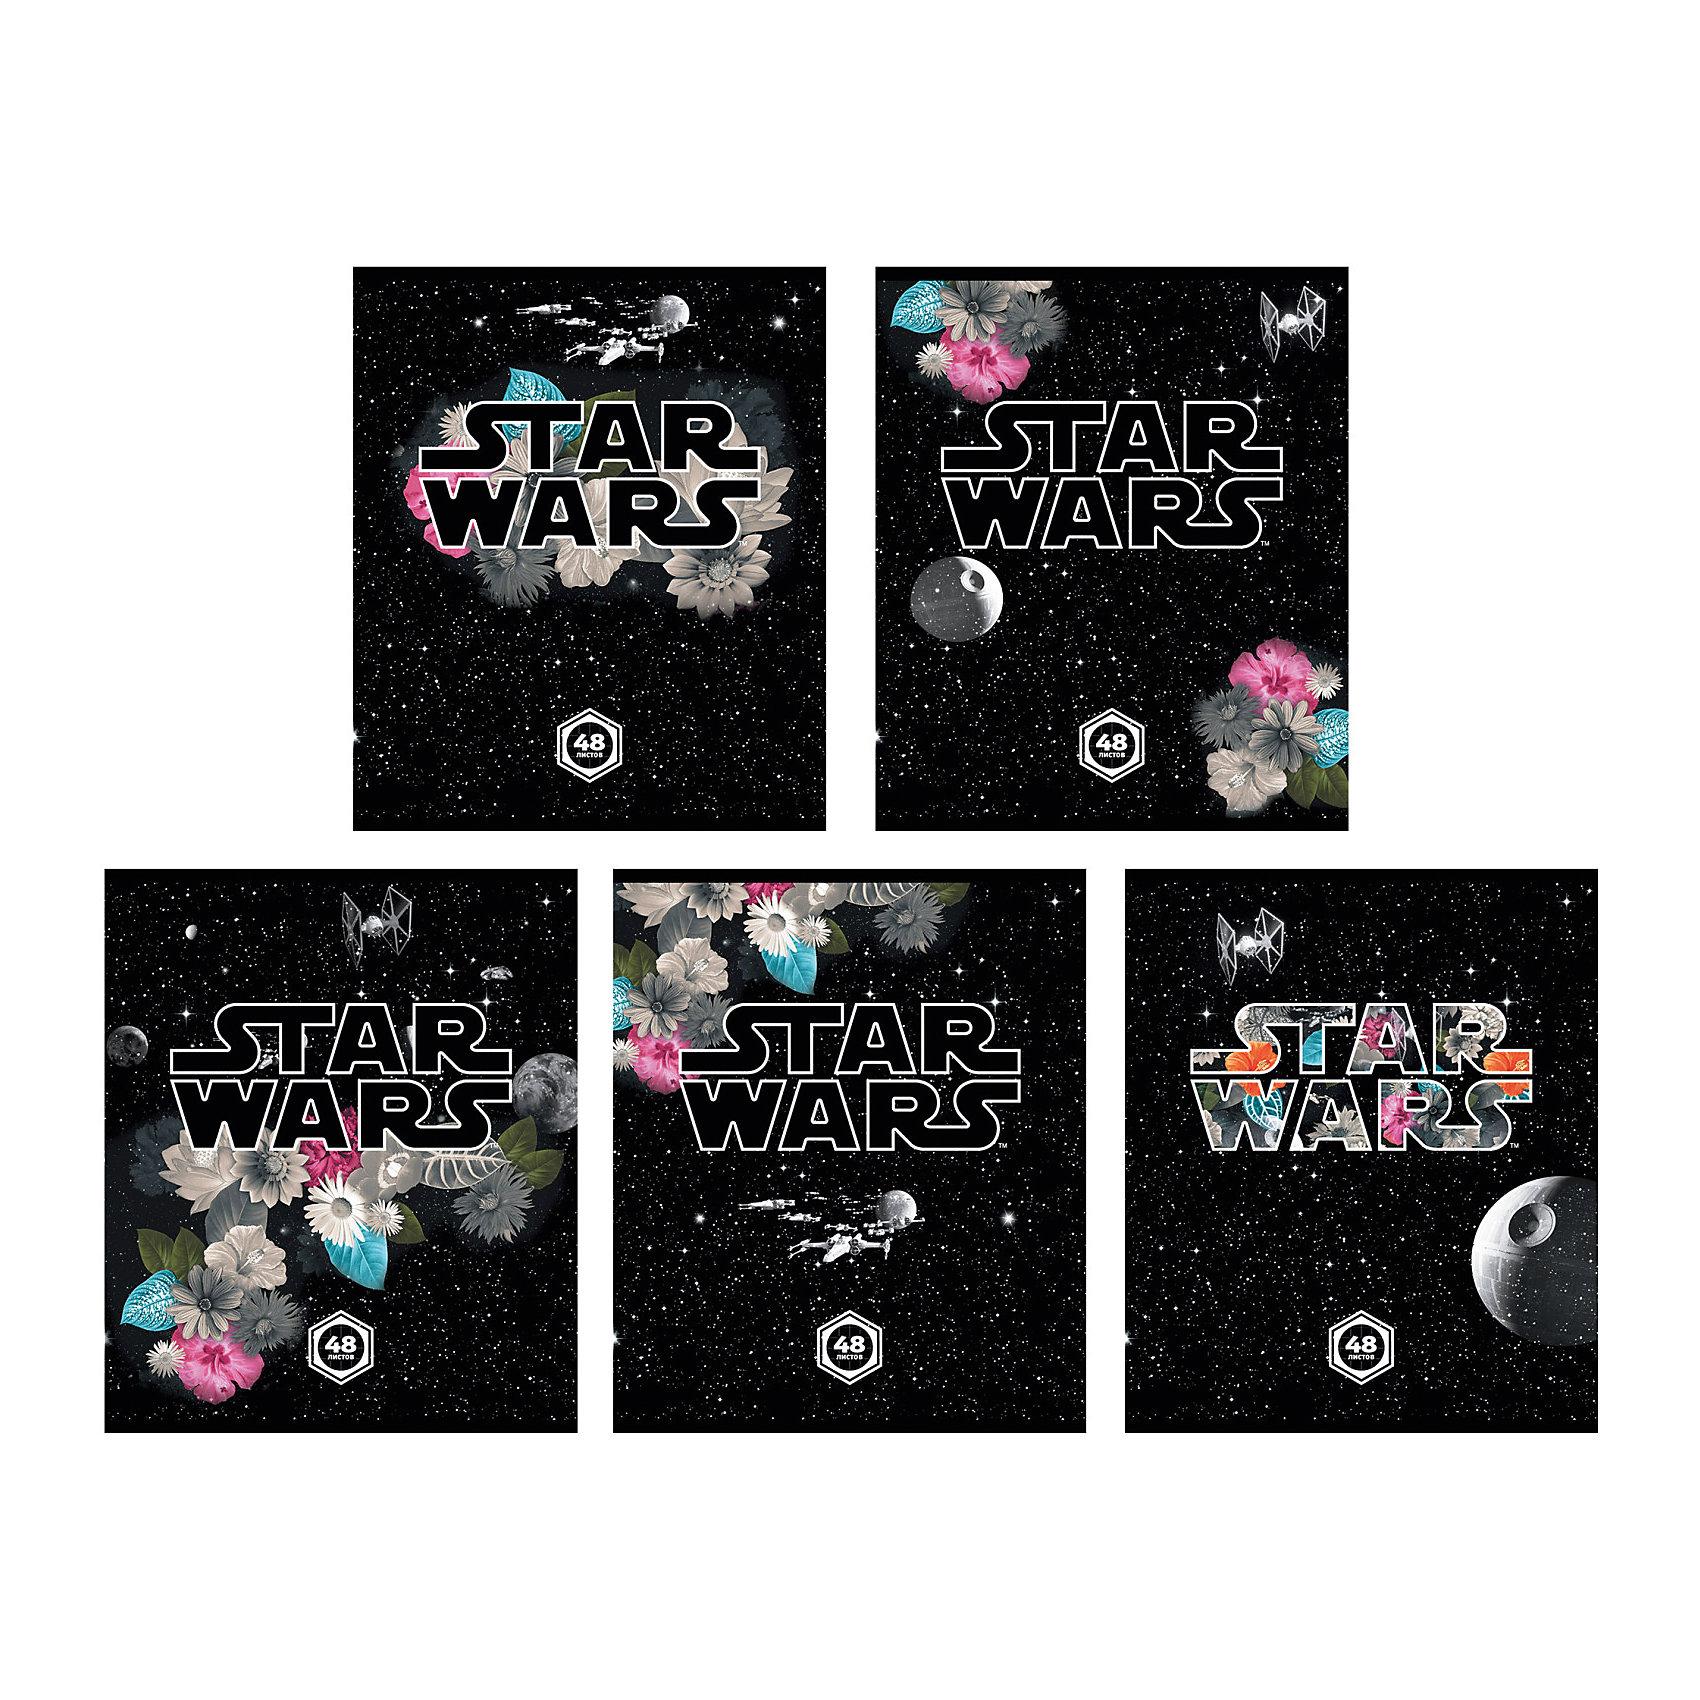 Тетрадь 48 л Звёздные Войны: Вселенная, упаковка из 5 шт.Бумажная продукция<br>Тетрадь 48 листов Звёздные Войны: Вселенная, 5 шт.<br><br>Характеристики:<br><br>• Количество: 5 шт.<br>• Формат: А5<br>• Внутренний блок: 48 листов, клетка, офсет<br>• Тип крепления: скрепка<br>• Обложка: мелованный картон<br><br>Комплект тетрадей в клетку Звёздные Войны: Вселенная выполнен в формате А5. Отличная полиграфия и качественная бумага обеспечат высокое качество письма. Обложка из мелованного картона позволит сохранять тетрадь в аккуратном виде в течение всего периода использования.<br><br>Тетрадь 48 листов Звёздные Войны: Вселенная, 5 шт. можно купить в нашем интернет-магазине.<br><br>Ширина мм: 170<br>Глубина мм: 50<br>Высота мм: 205<br>Вес г: 521<br>Возраст от месяцев: 60<br>Возраст до месяцев: 204<br>Пол: Унисекс<br>Возраст: Детский<br>SKU: 5540114